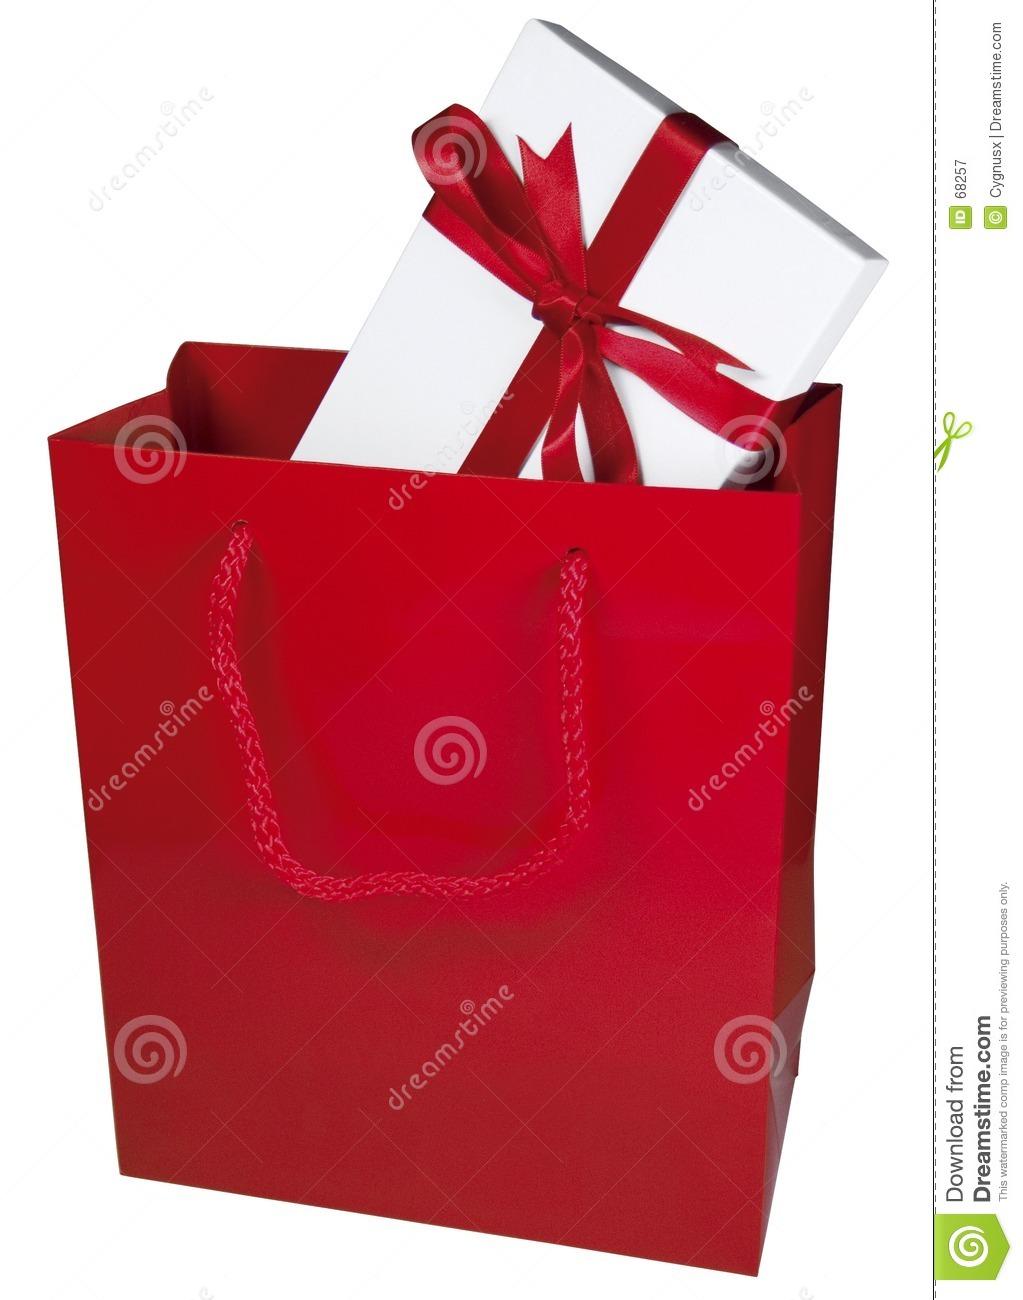 Gift bag clipart red k hep kid